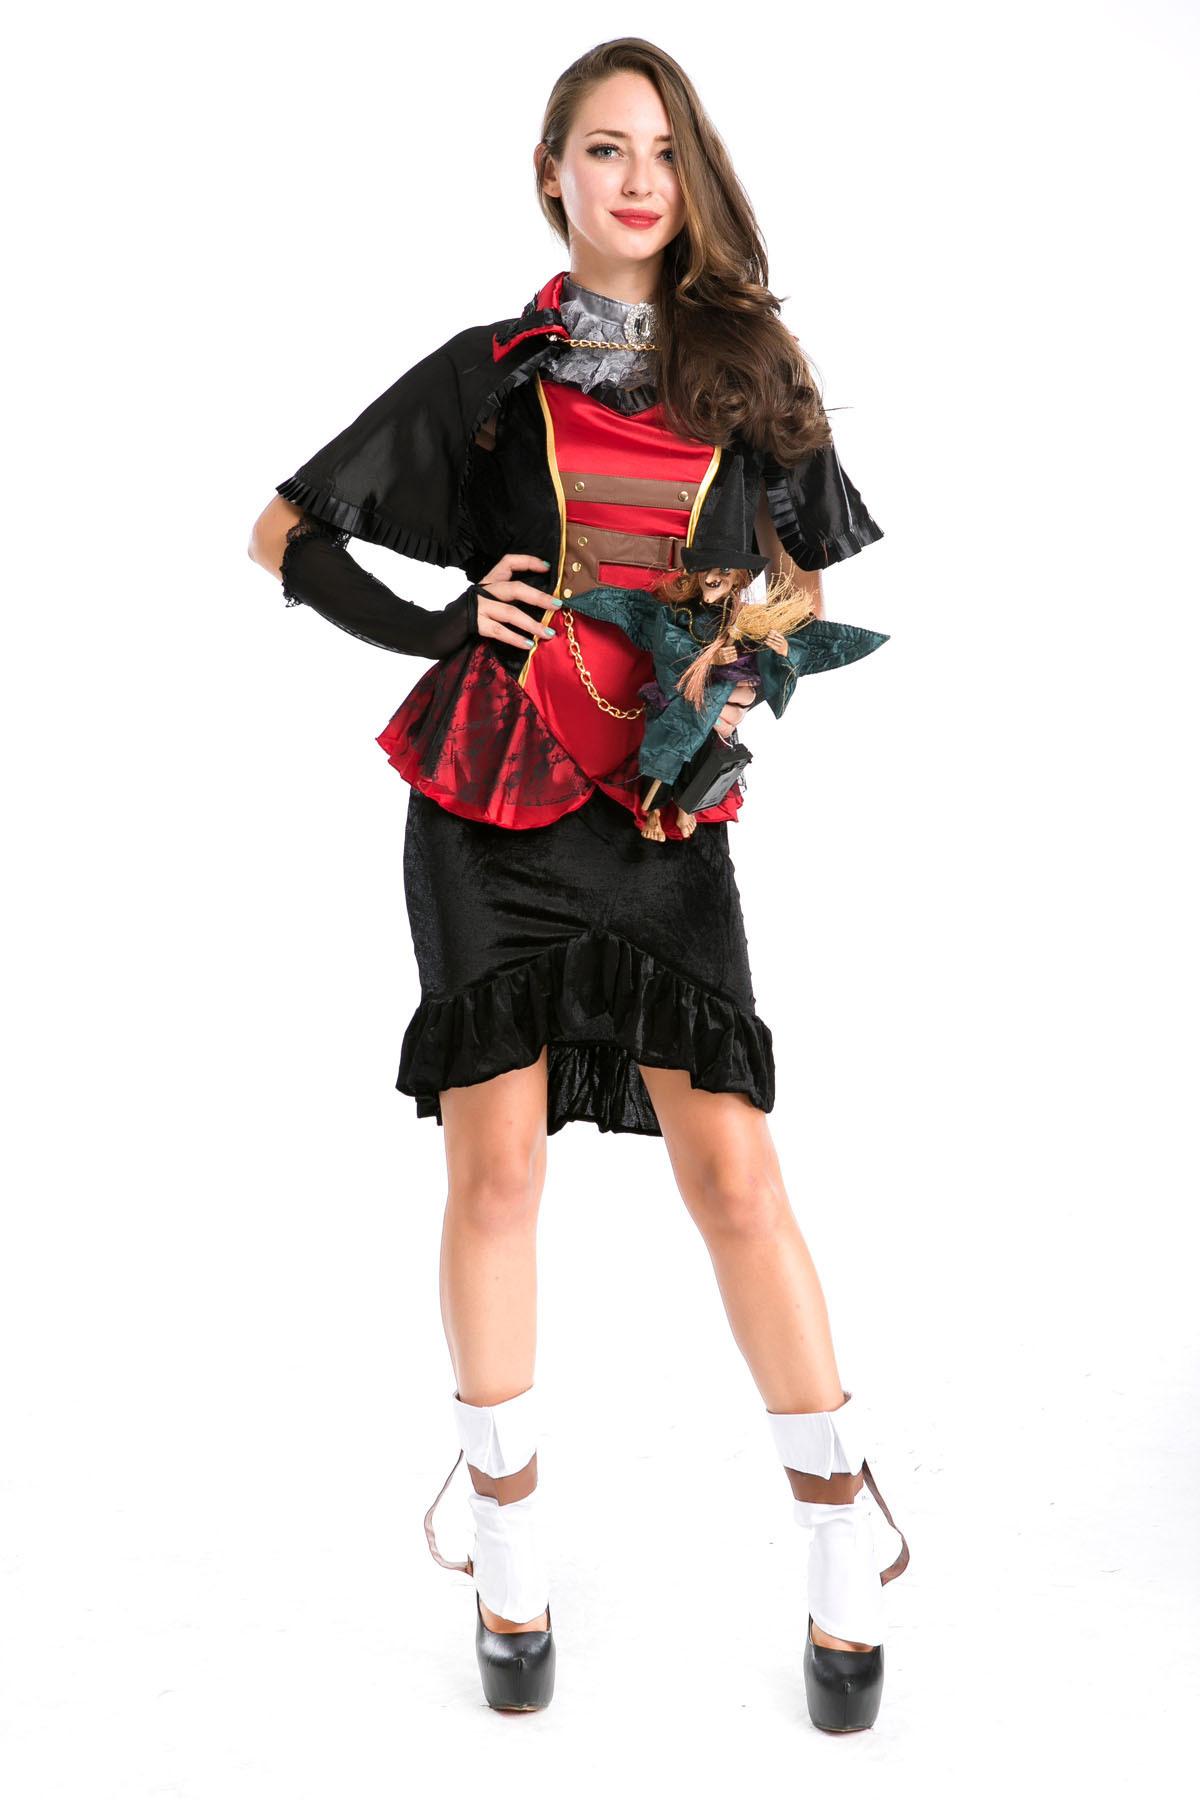 ハロウィンの女妖怪吸血鬼役が夜店のテーマパーティの舞台に扮して黒い巫女服を披露します。